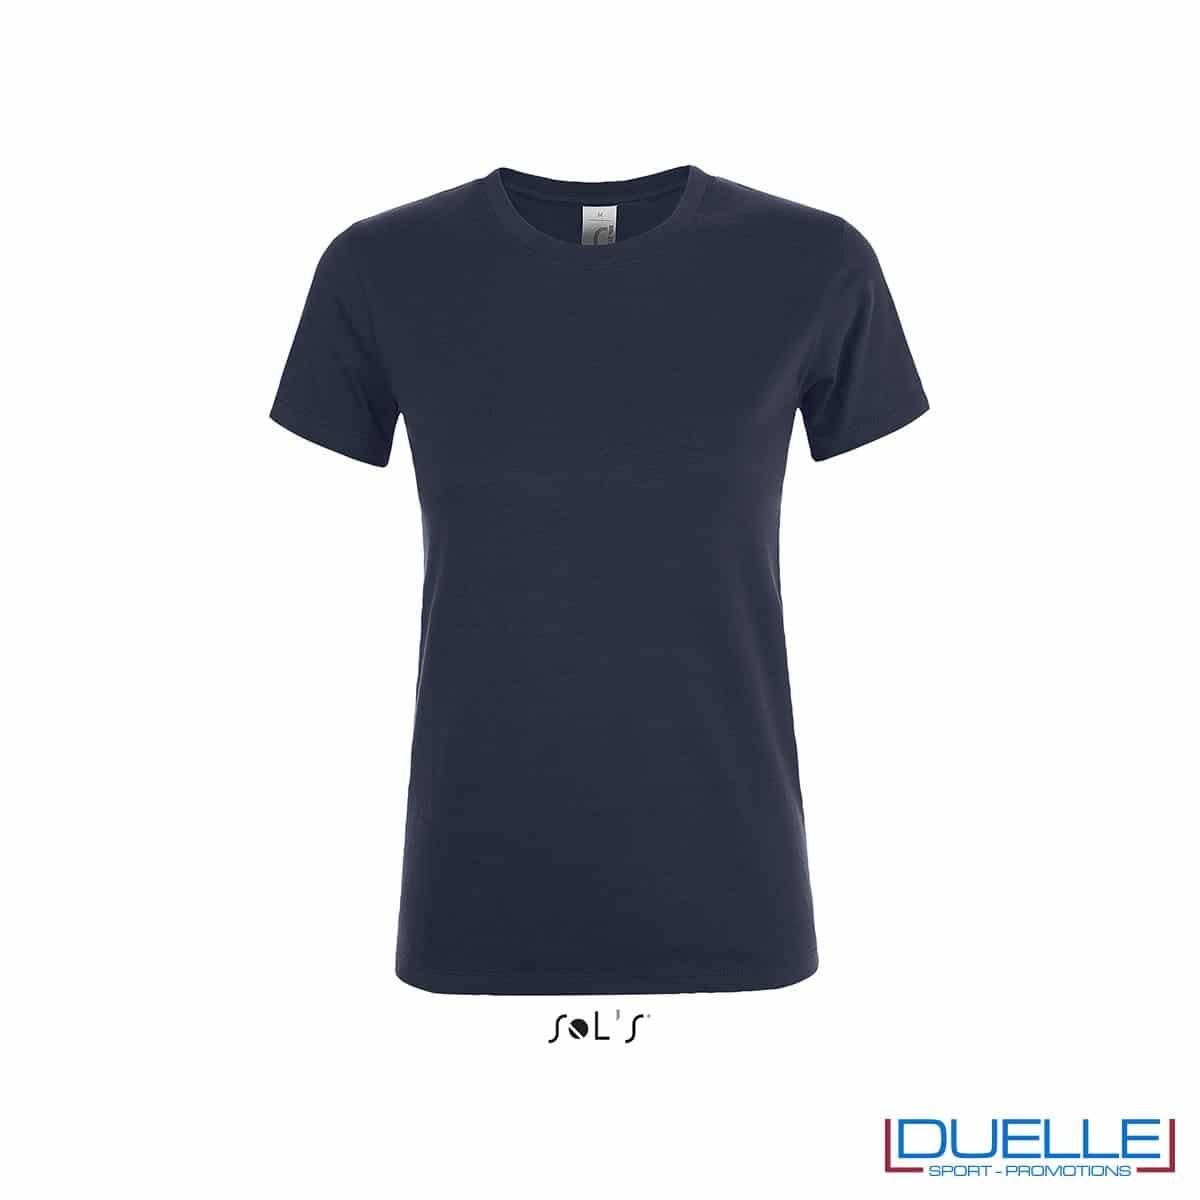 t-shirt personalizzate da donna in colore blu oltremare